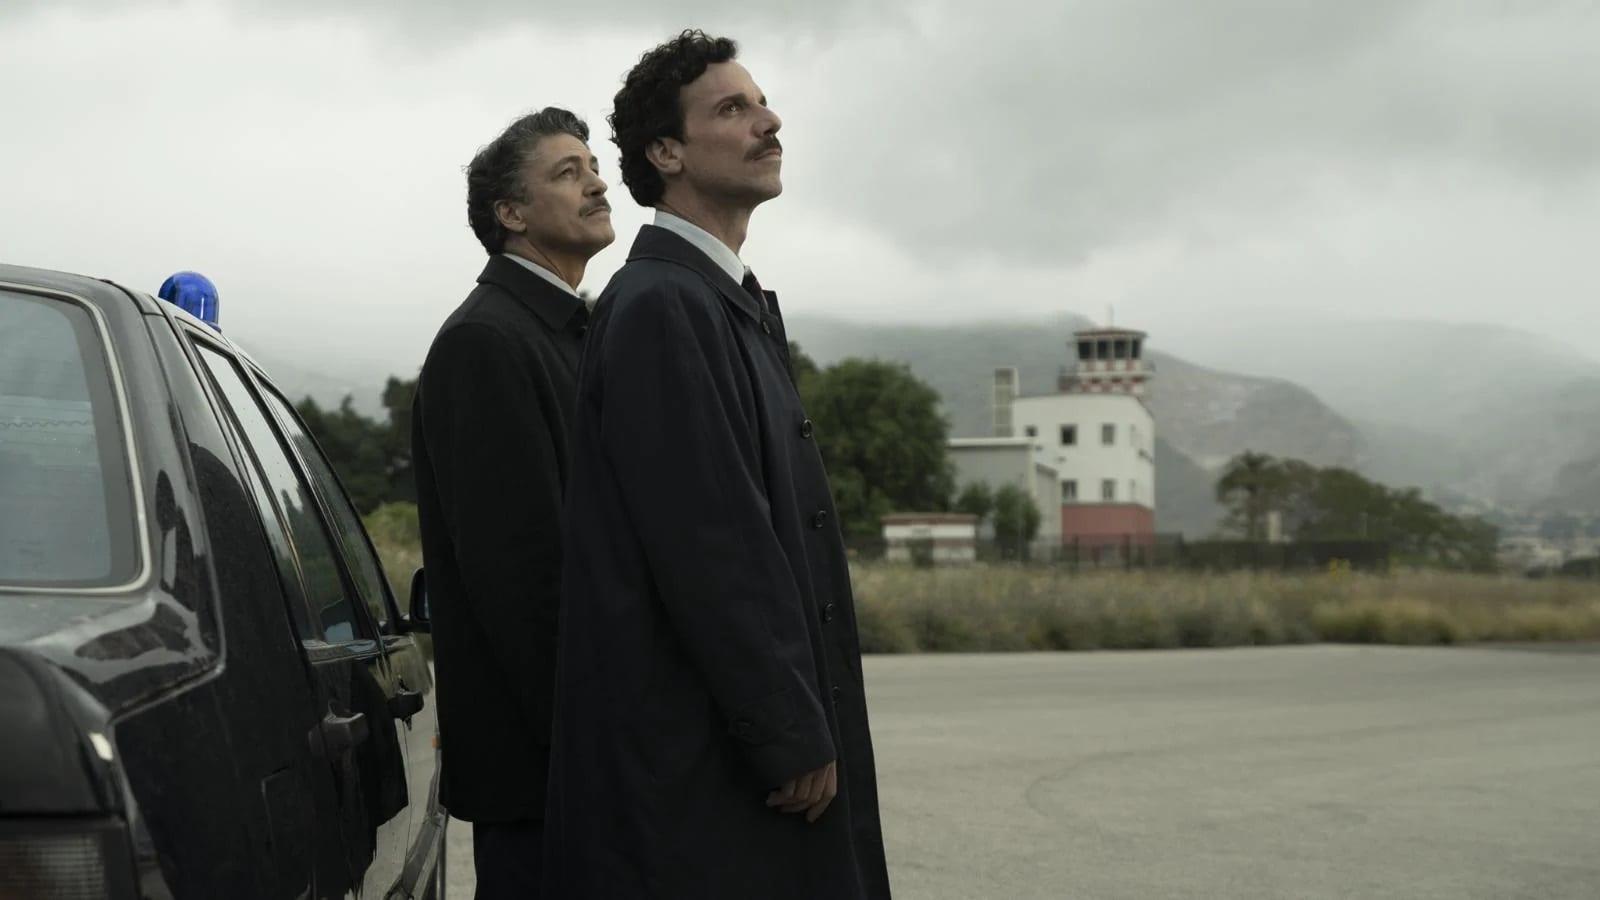 Il Cacciatore – Seconda Stagione seconda puntata. Con Francesco Montanari, su Rai 2. Una coproduzione Cross Productions, BetaFilm e Rai Fiction